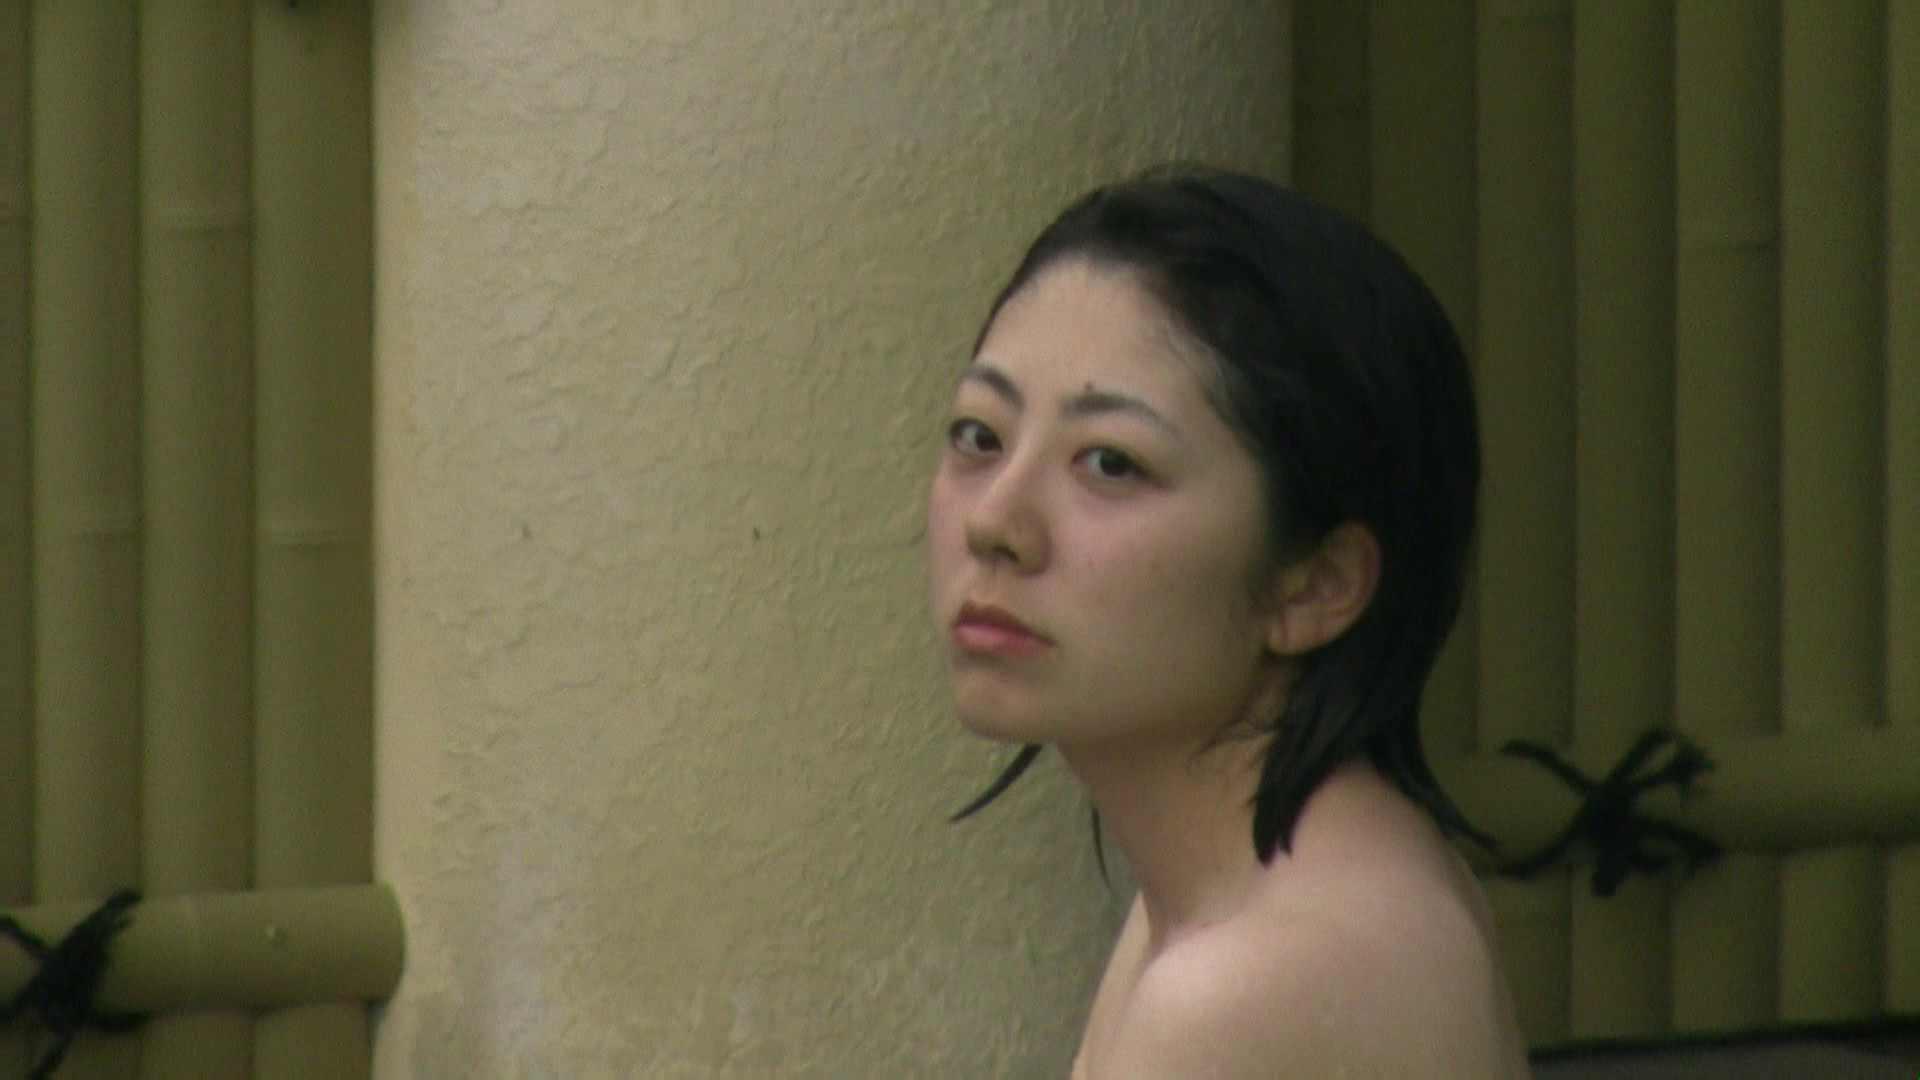 Aquaな露天風呂Vol.04 盗撮  82枚 24